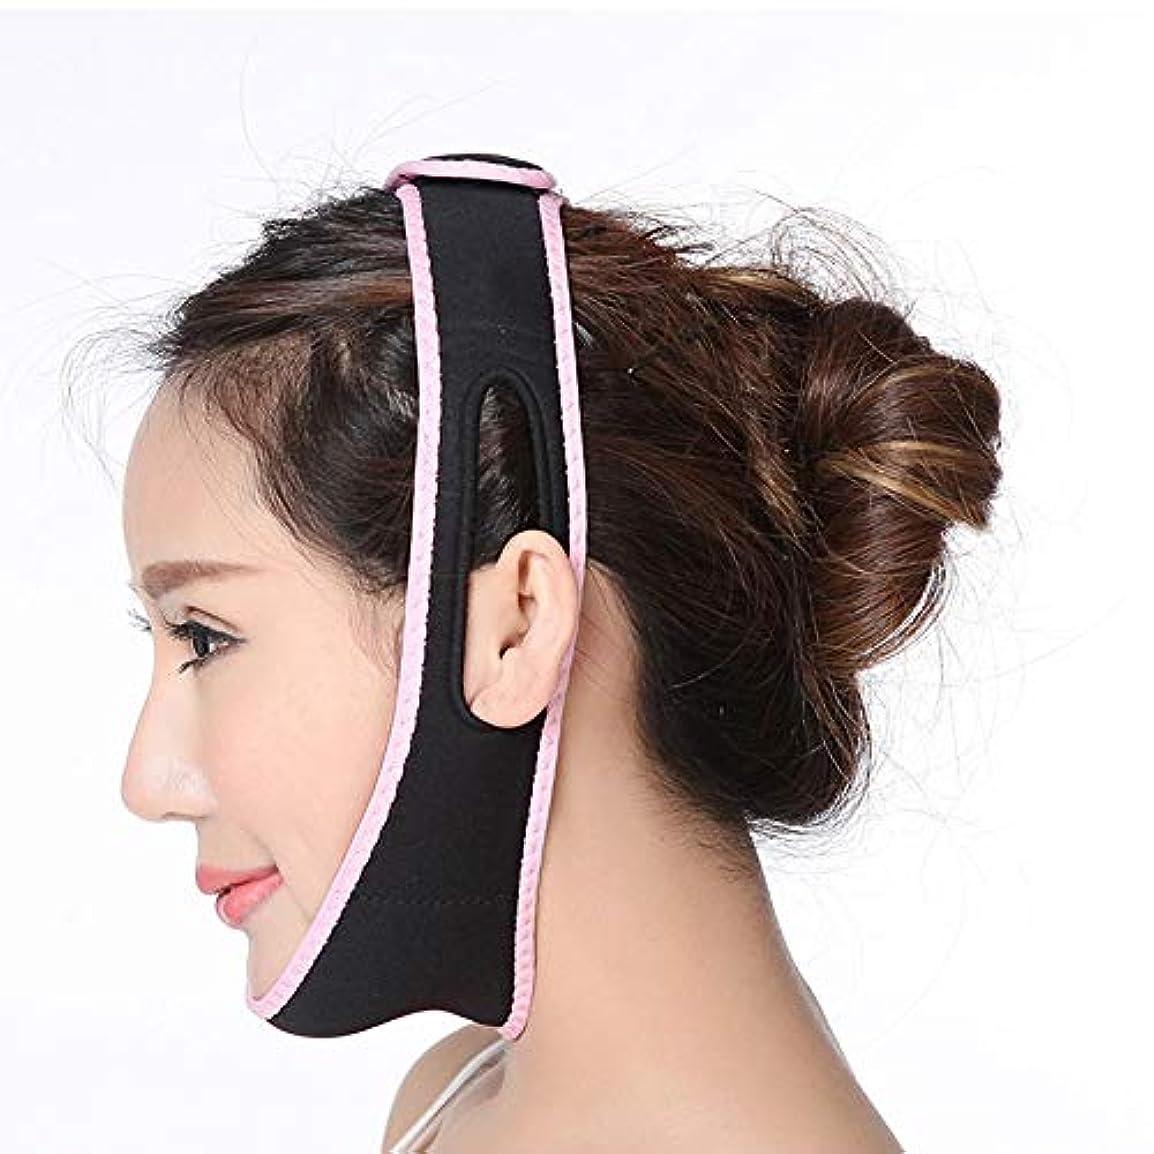 背骨フォージちなみにGYZ フェイスリフティングアーティファクト3D薄型フェイス付き薄型シンフェイスマスク小型Vフェイス包帯二重あごフェイスリフティングデバイスリフティングファーミング - ブラック Thin Face Belt